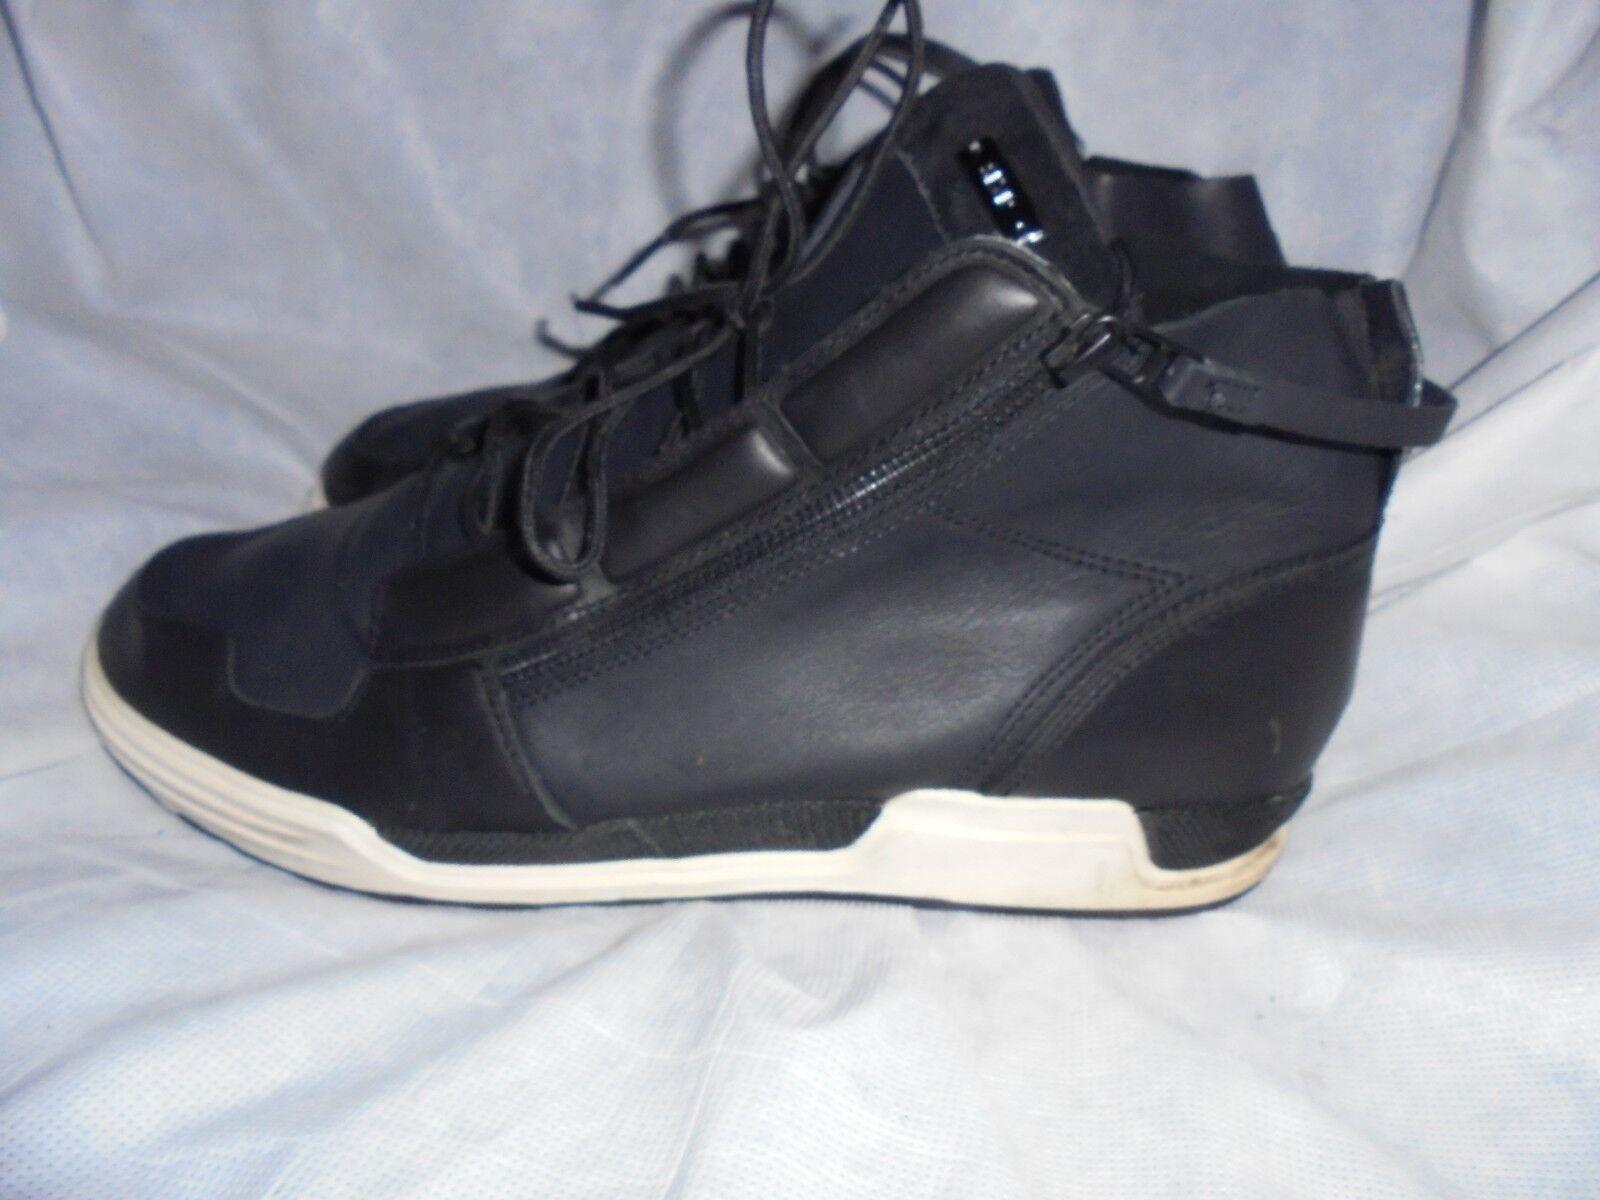 ADIDAS Para Hombre Negro Cuero Con Cordones Tobillo Zapatillas Talla nos 11.5 en muy buena condición